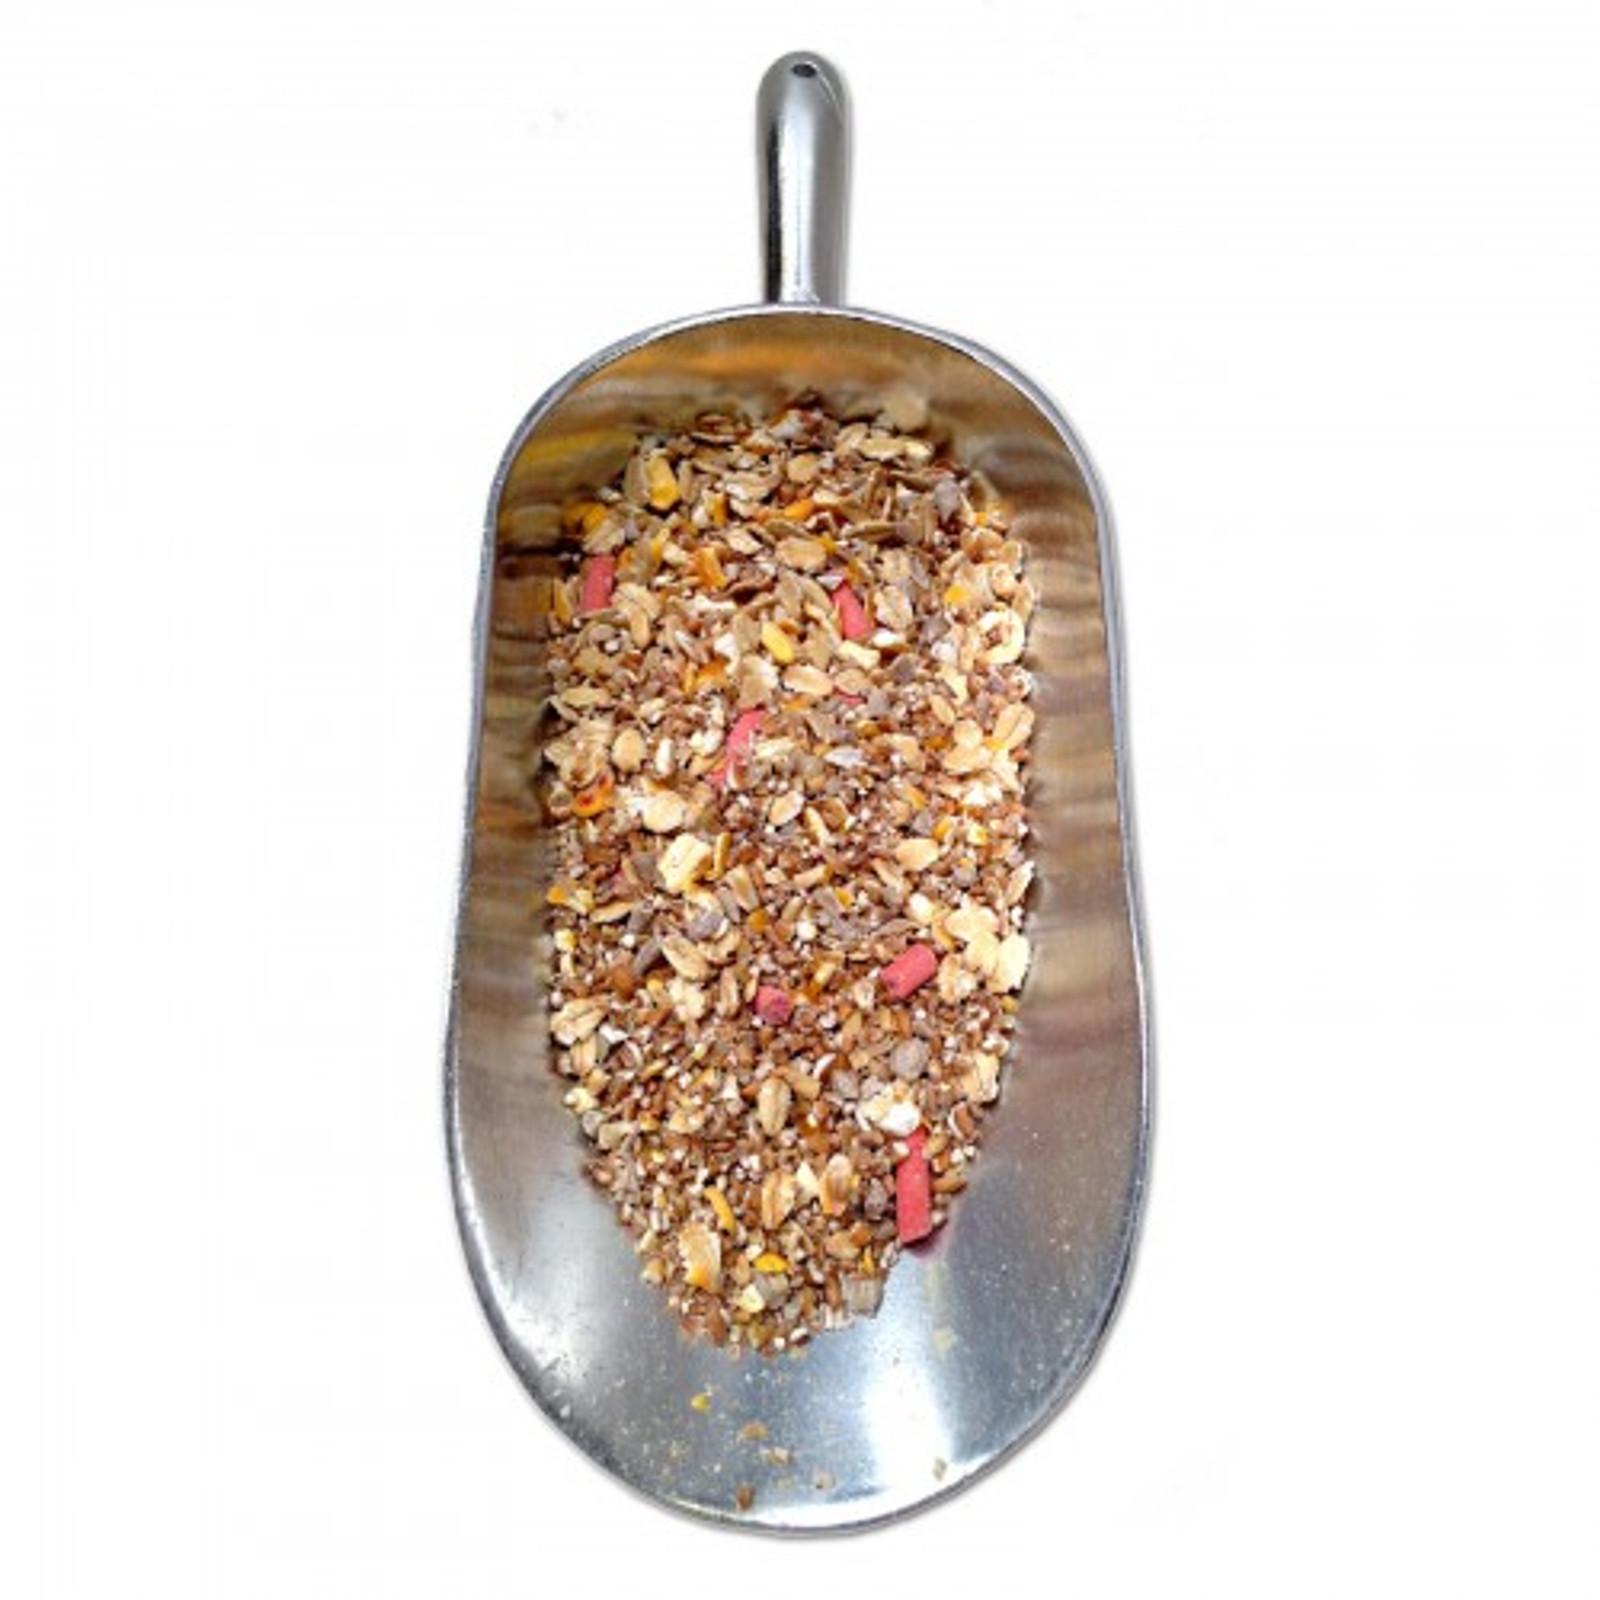 Vogelsamenmix mit Fettfutterpellets für Wildvögel - ohne keimende Samen 1,5 kg